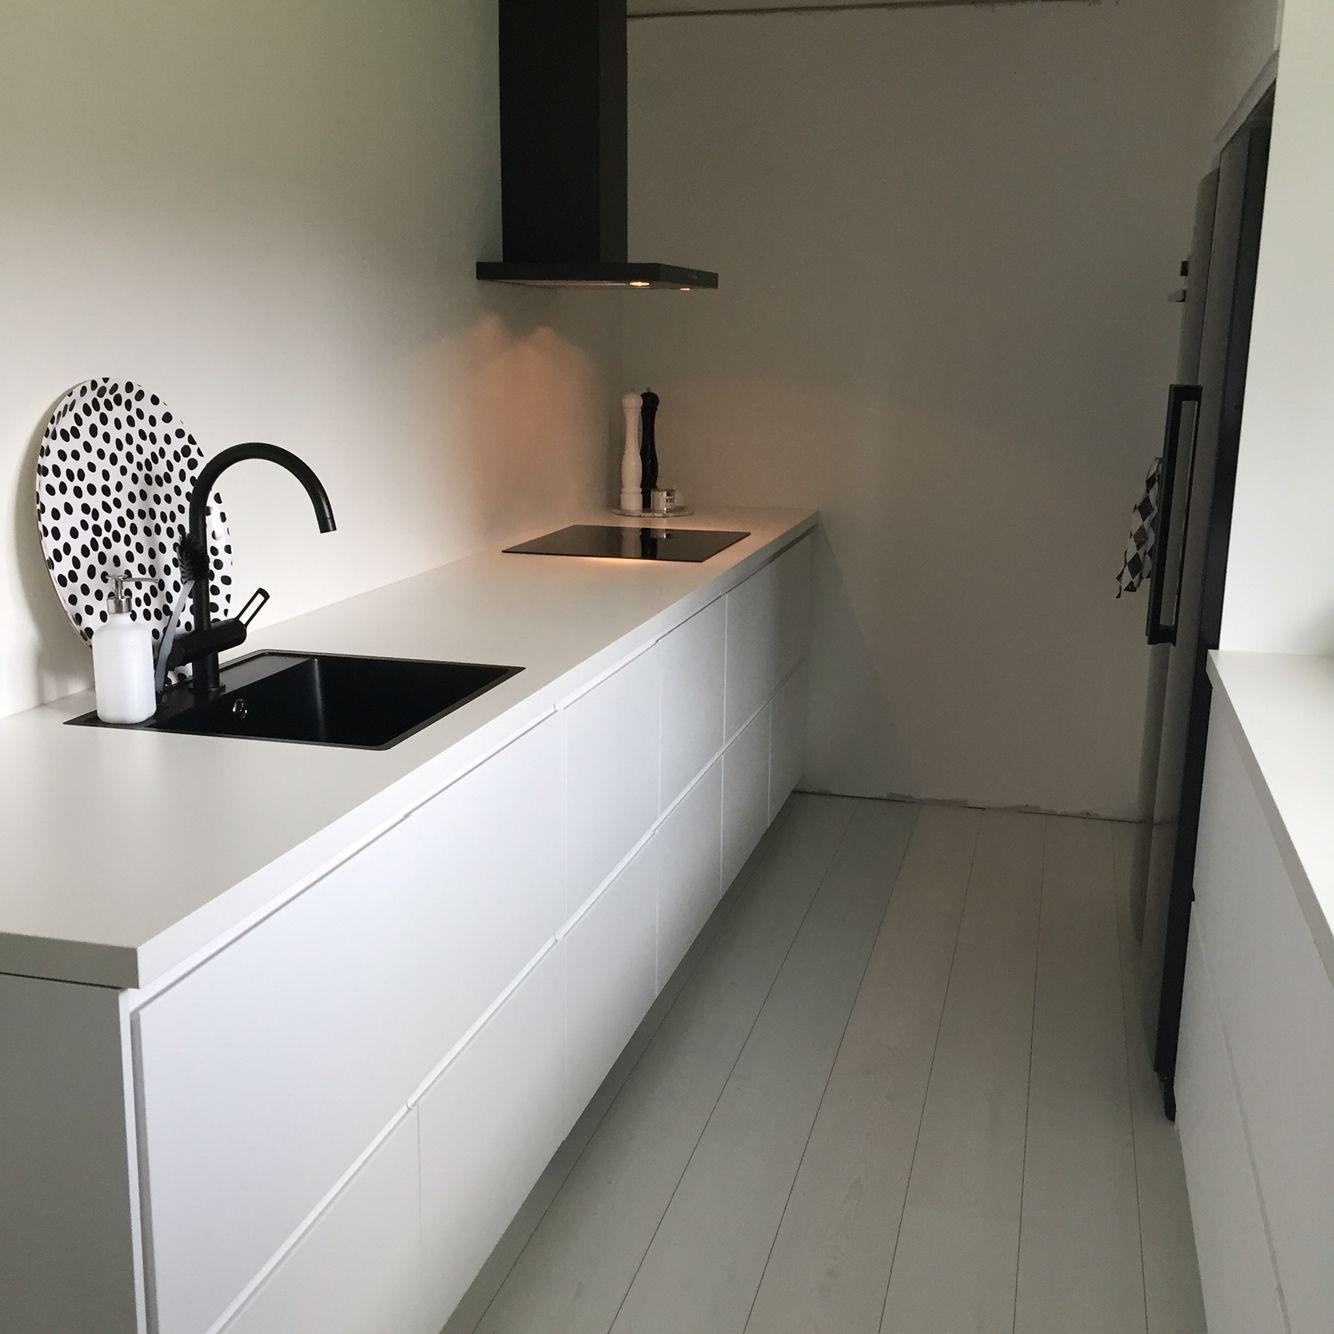 Full Size of Voxtorp Küche Ikea Kche Wasserhahn Modulare Hängeschrank Höhe Singleküche Mit Kühlschrank Arbeitsplatten Holz Modern Einbauküche Gebraucht Pino Wohnzimmer Voxtorp Küche Ikea